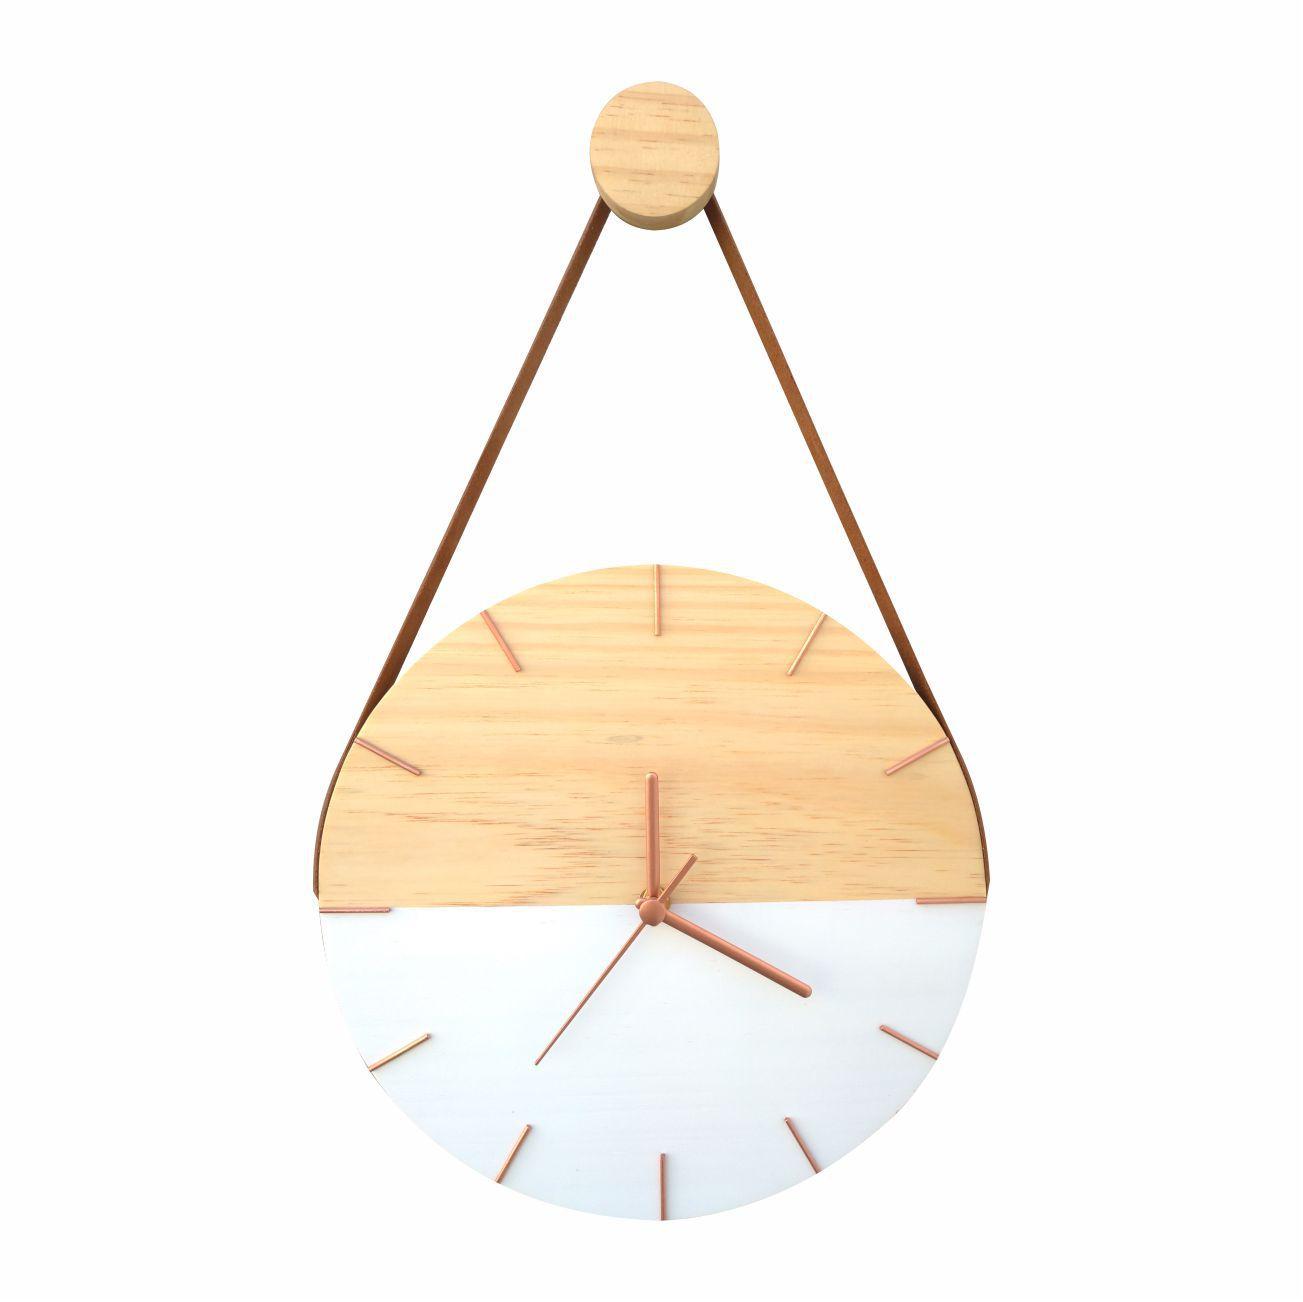 Relógio de Parede Minimalista Branco e Rosê Gold com Alça